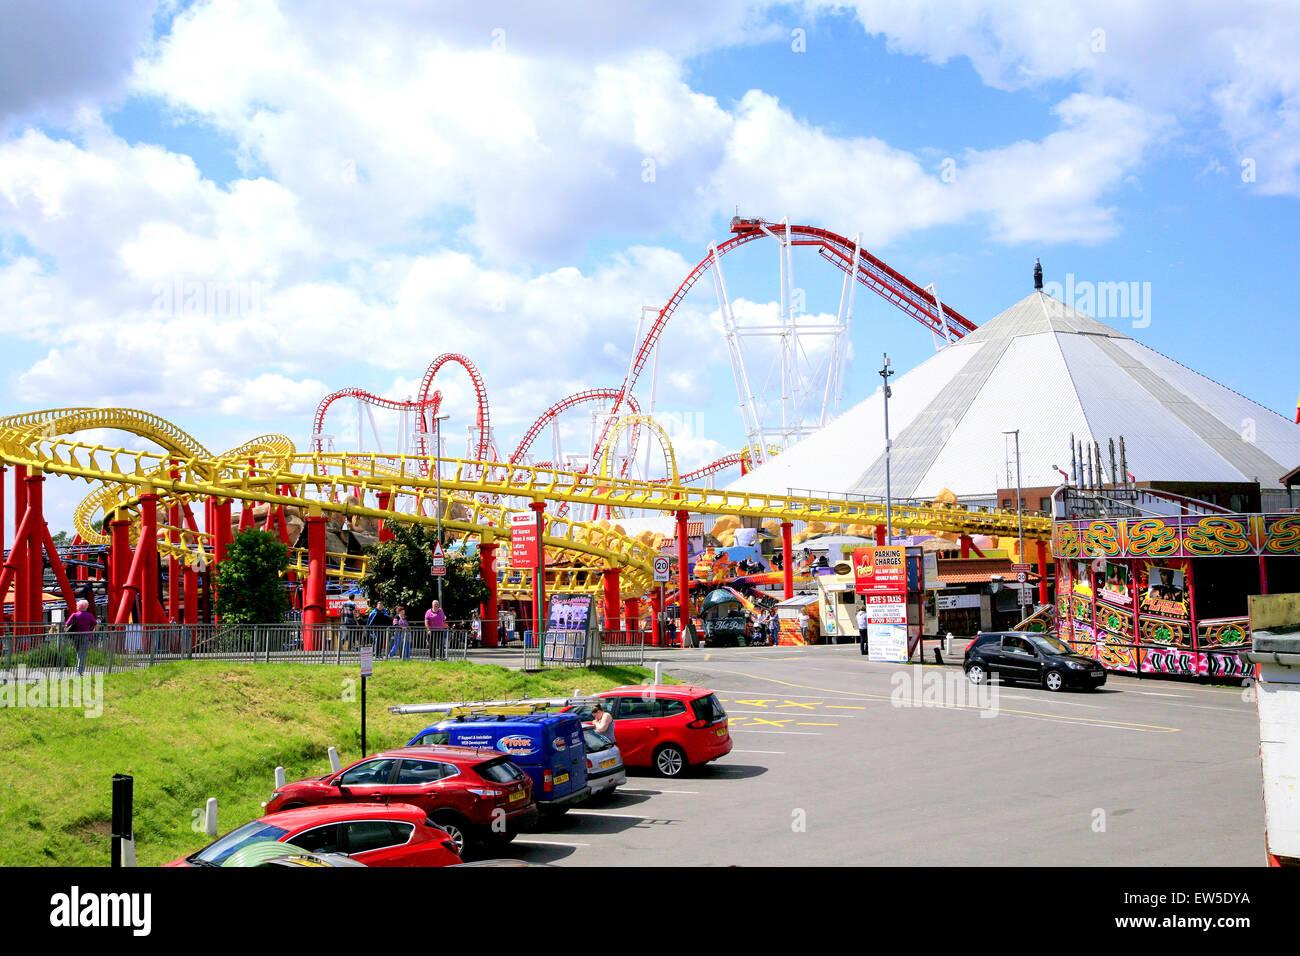 INGOLDMELLS, SKEGNESS, LINCOLNSHIRE, UK. JUNE 03, 2015. The funfair amusements at Ingoldmells at Skegness in Lincolnshire, - Stock Image